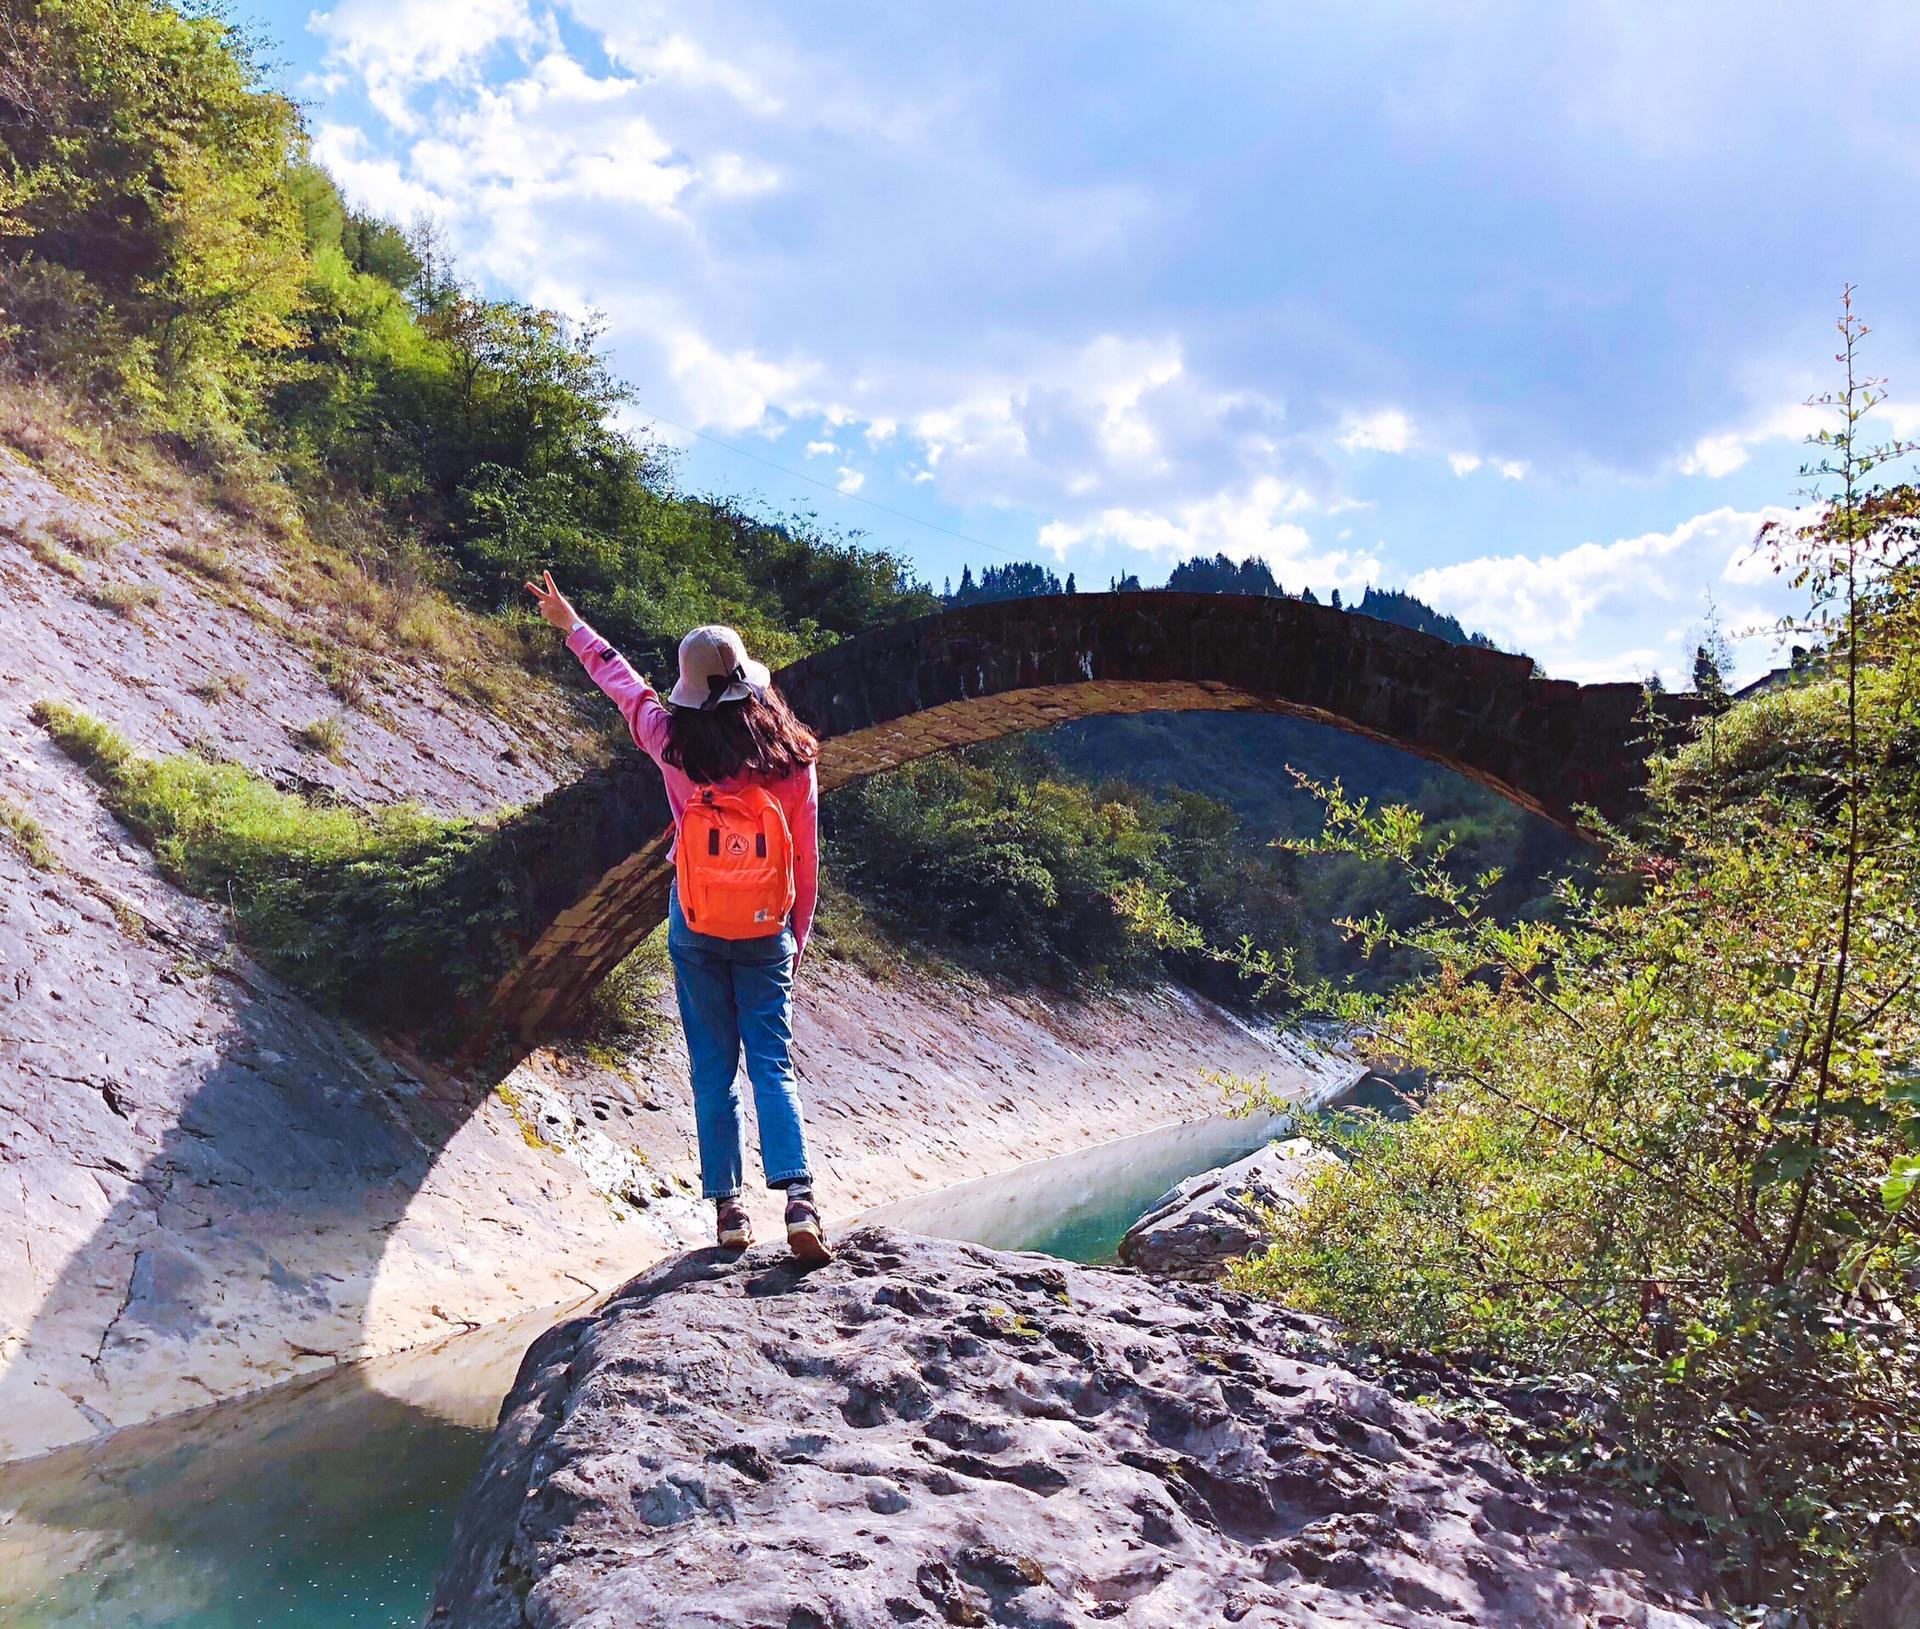 开开心心游遍整个三亚大峡谷--恩施v攻略攻略自恩施自驾游住宿攻略2015图片